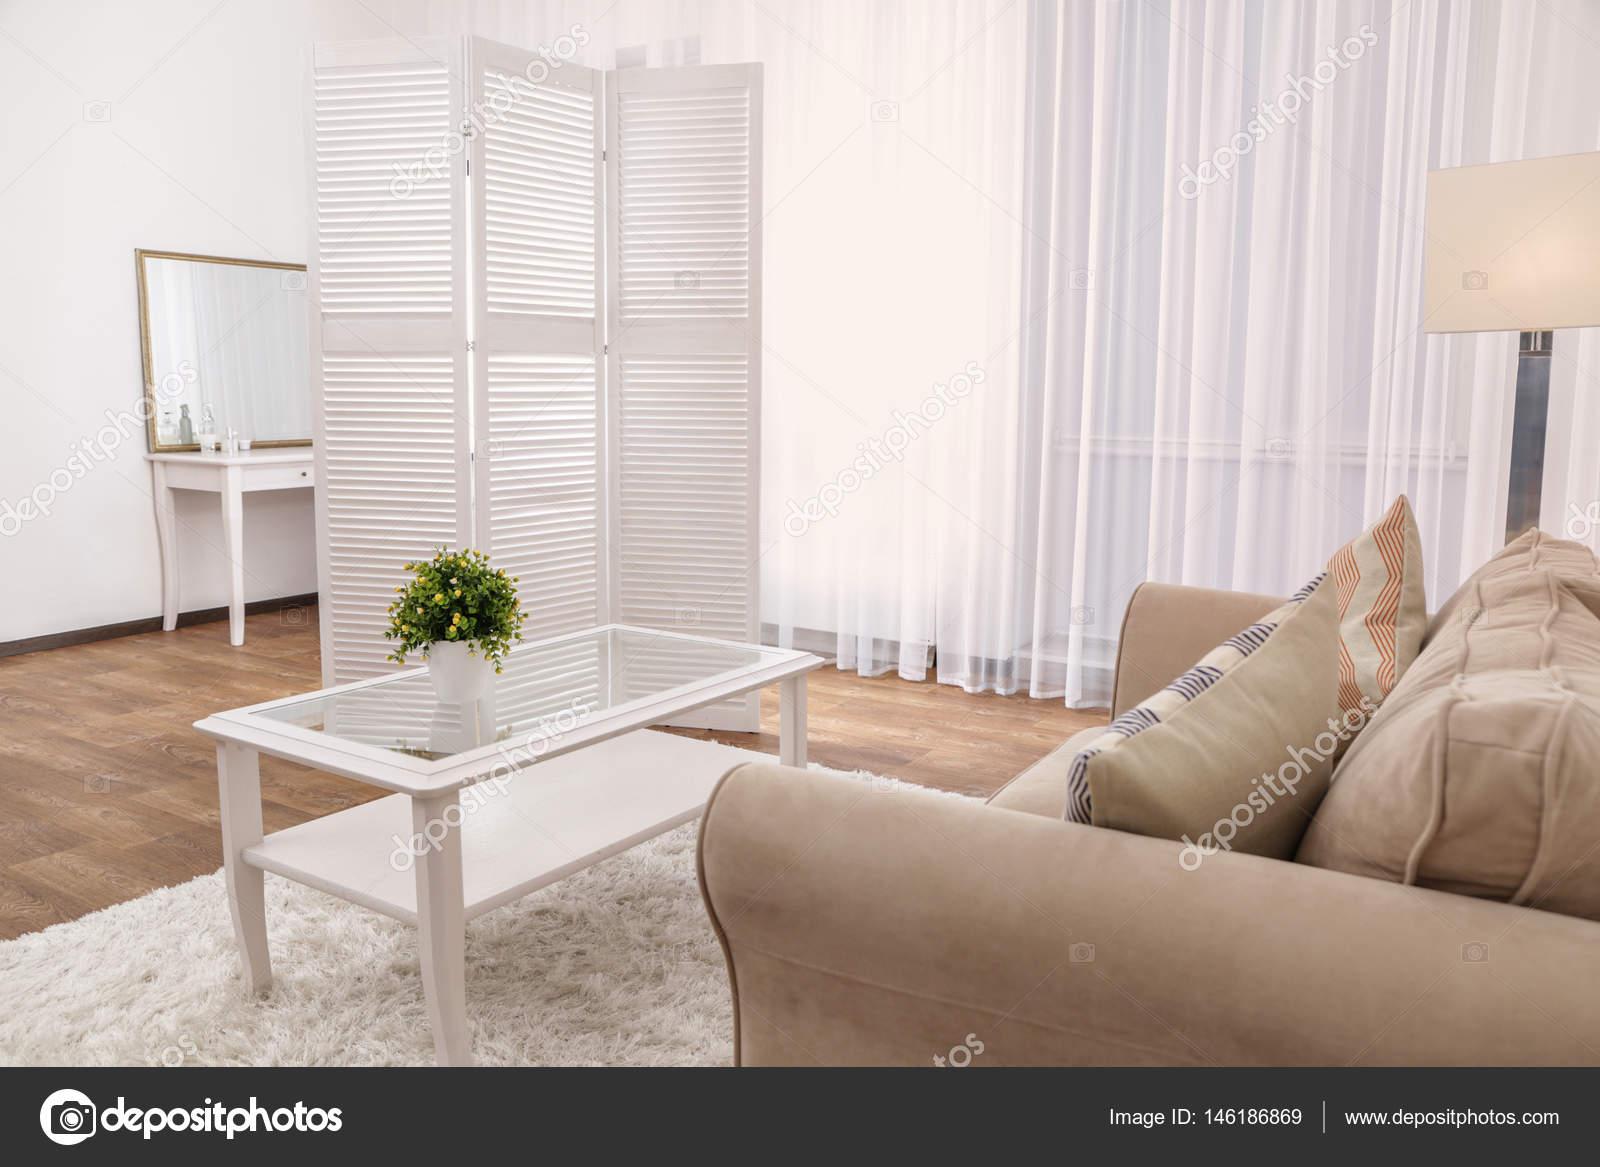 https://st3.depositphotos.com/1177973/14618/i/1600/depositphotos_146186869-stockafbeelding-interieur-van-de-prachtige-woonkamer.jpg